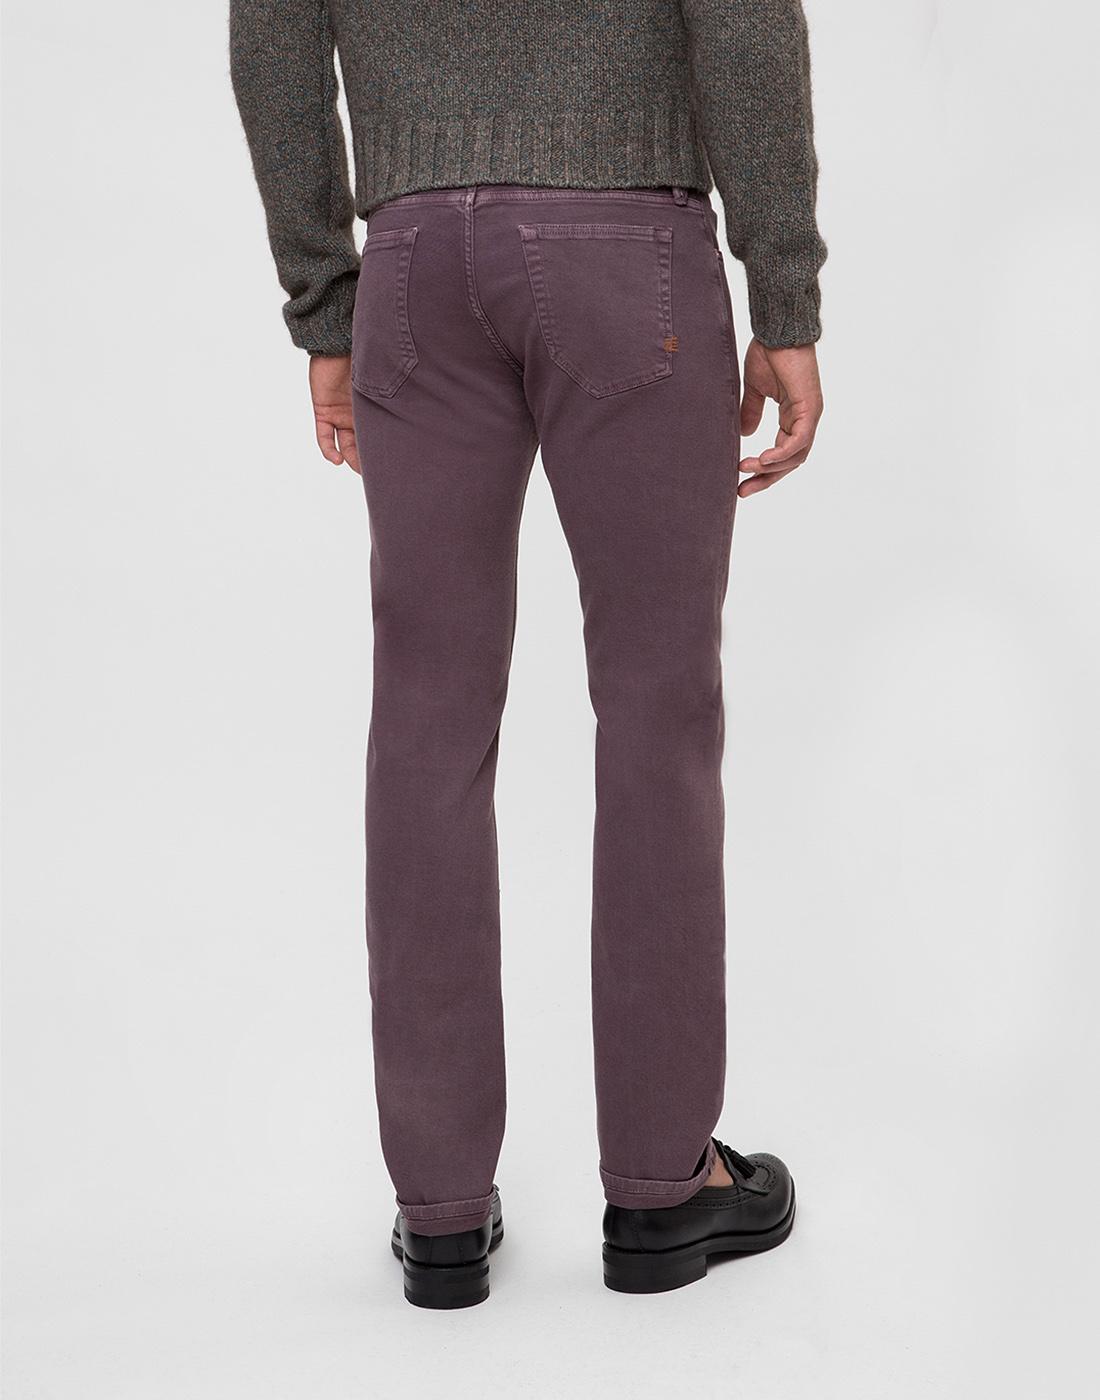 Мужские светло-фиолетовые джинсы PT SOA12 0786-4